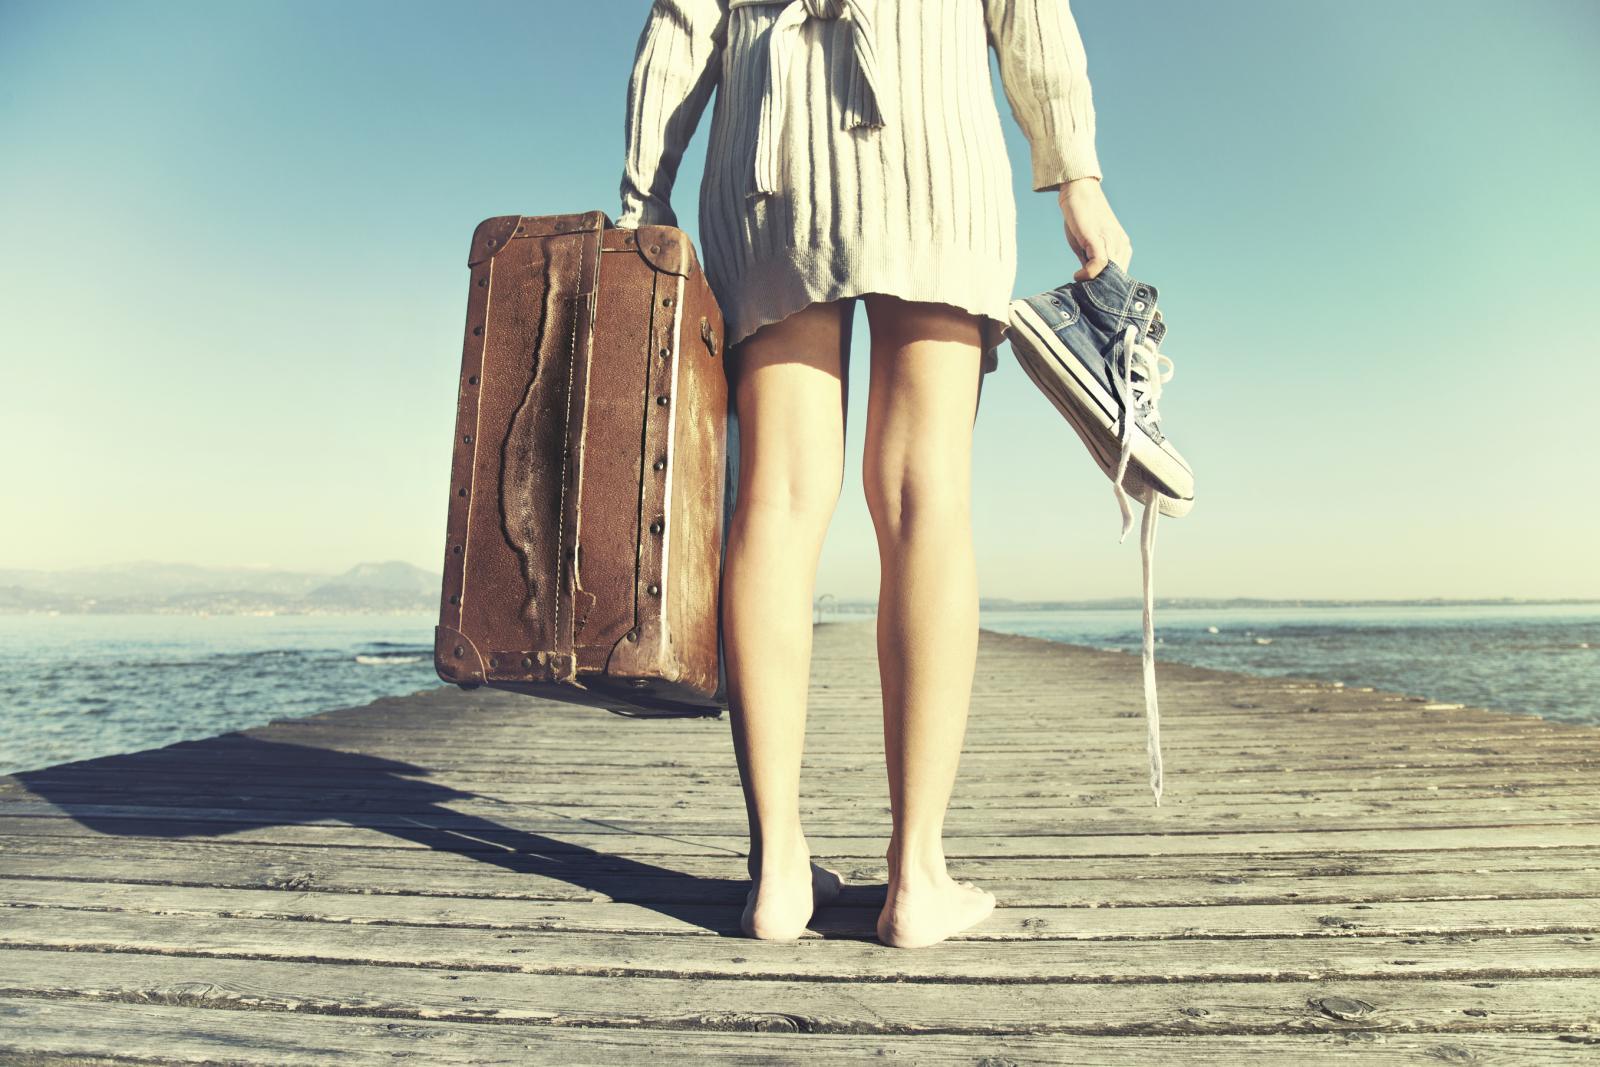 Otiđite na naše more, na naše otoke, držite barem na neko vrijeme glavu i um podalje od problema!